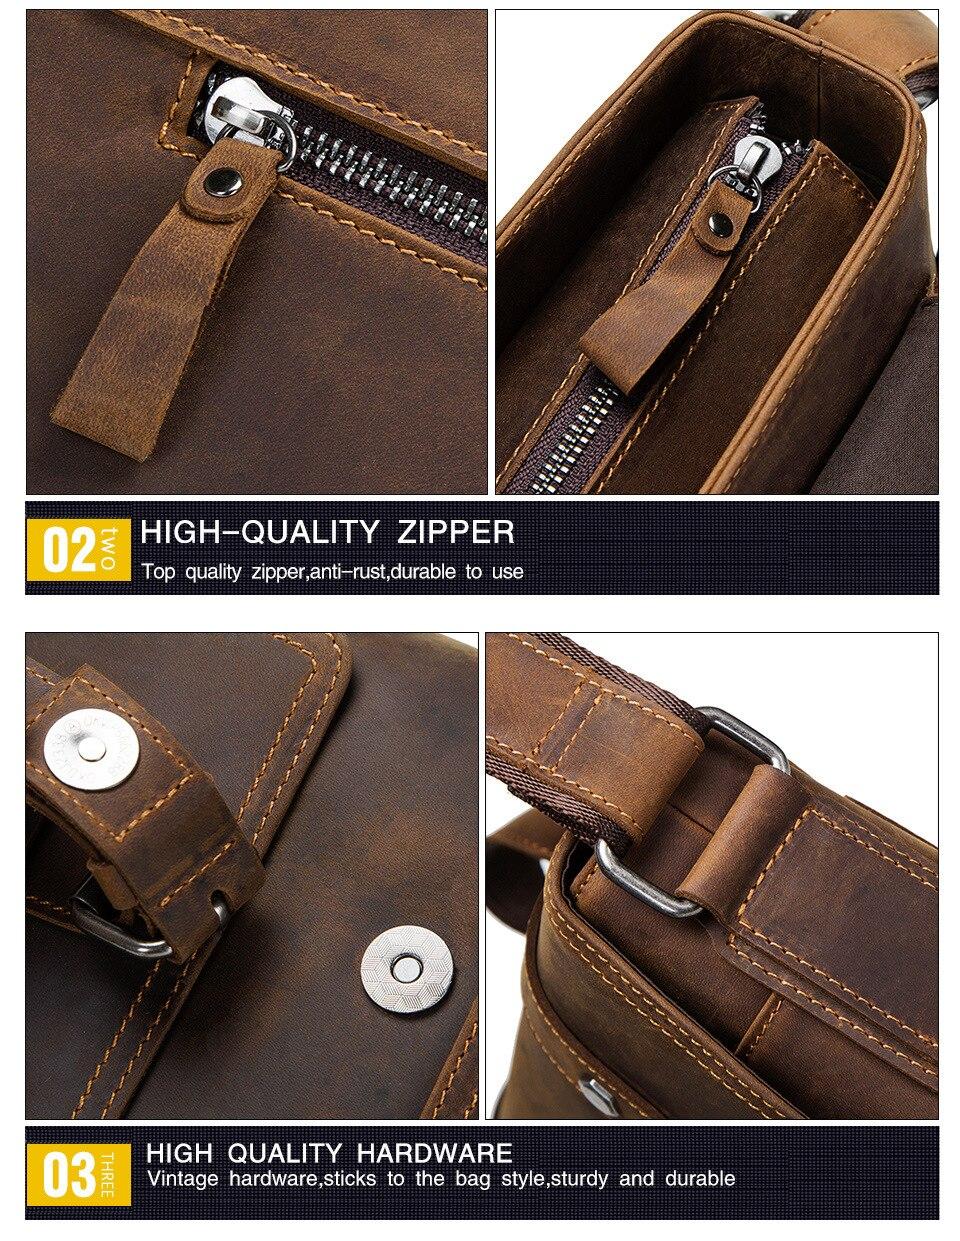 HTB1MAdAadfvK1RjSspfq6zzXFXaL 100% Genuine Leather Briefcase Men Vintage Real Crazy Horse Leather Messenger Shoulder Business Laptop Bag Case Office Handbag